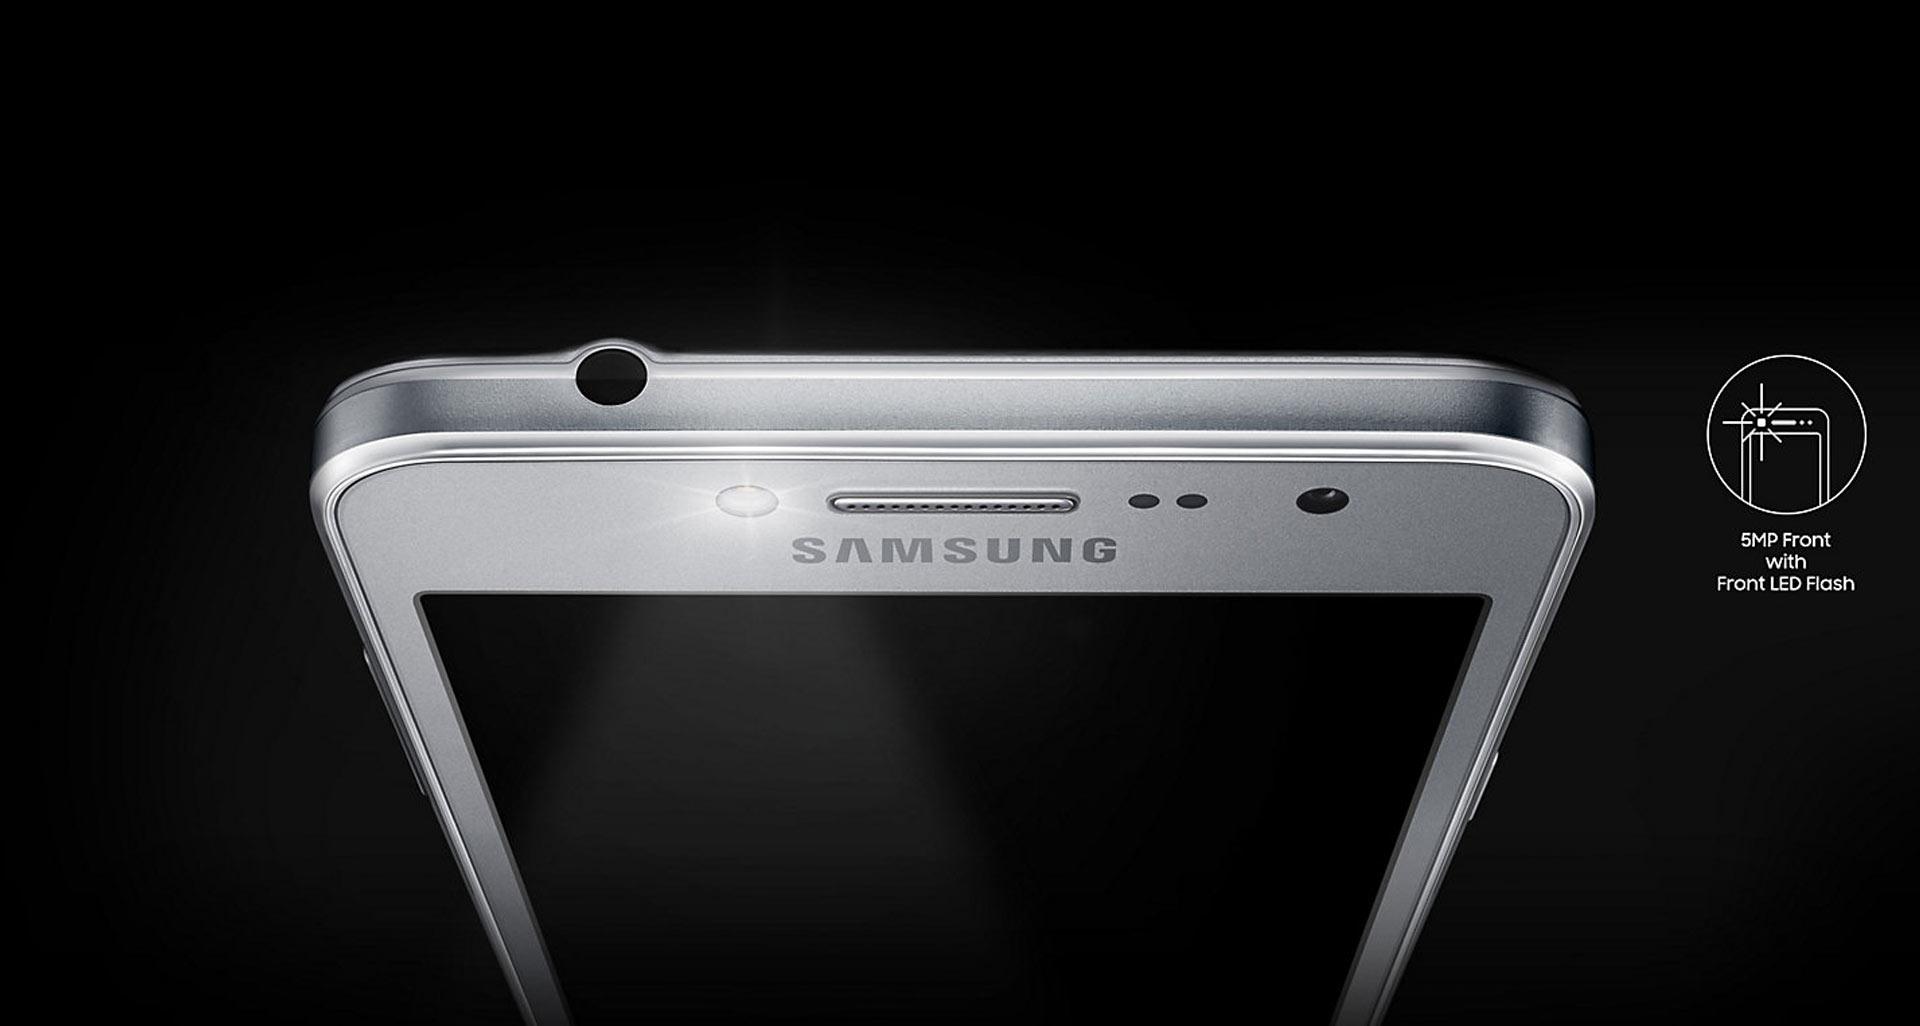 گوشی G532FD و تصاویر سلفی که می درخشند